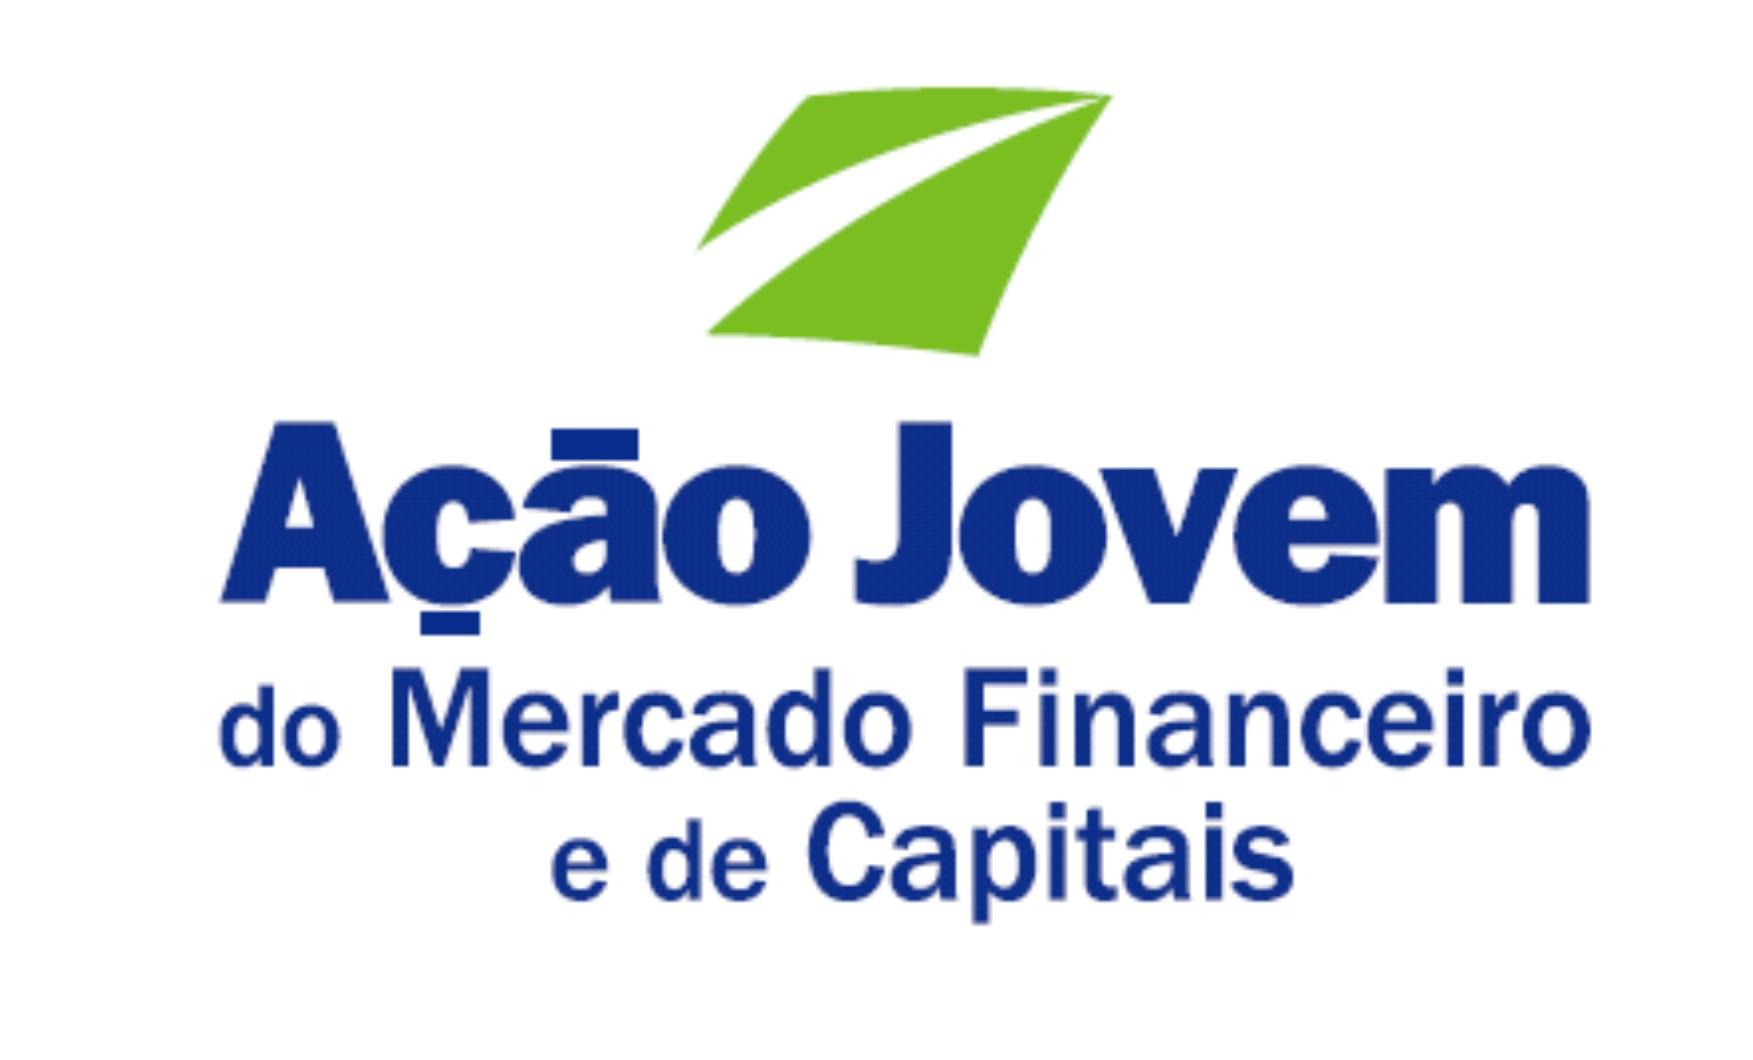 Ação Jovem do Mercado Financeiro e de Capitais